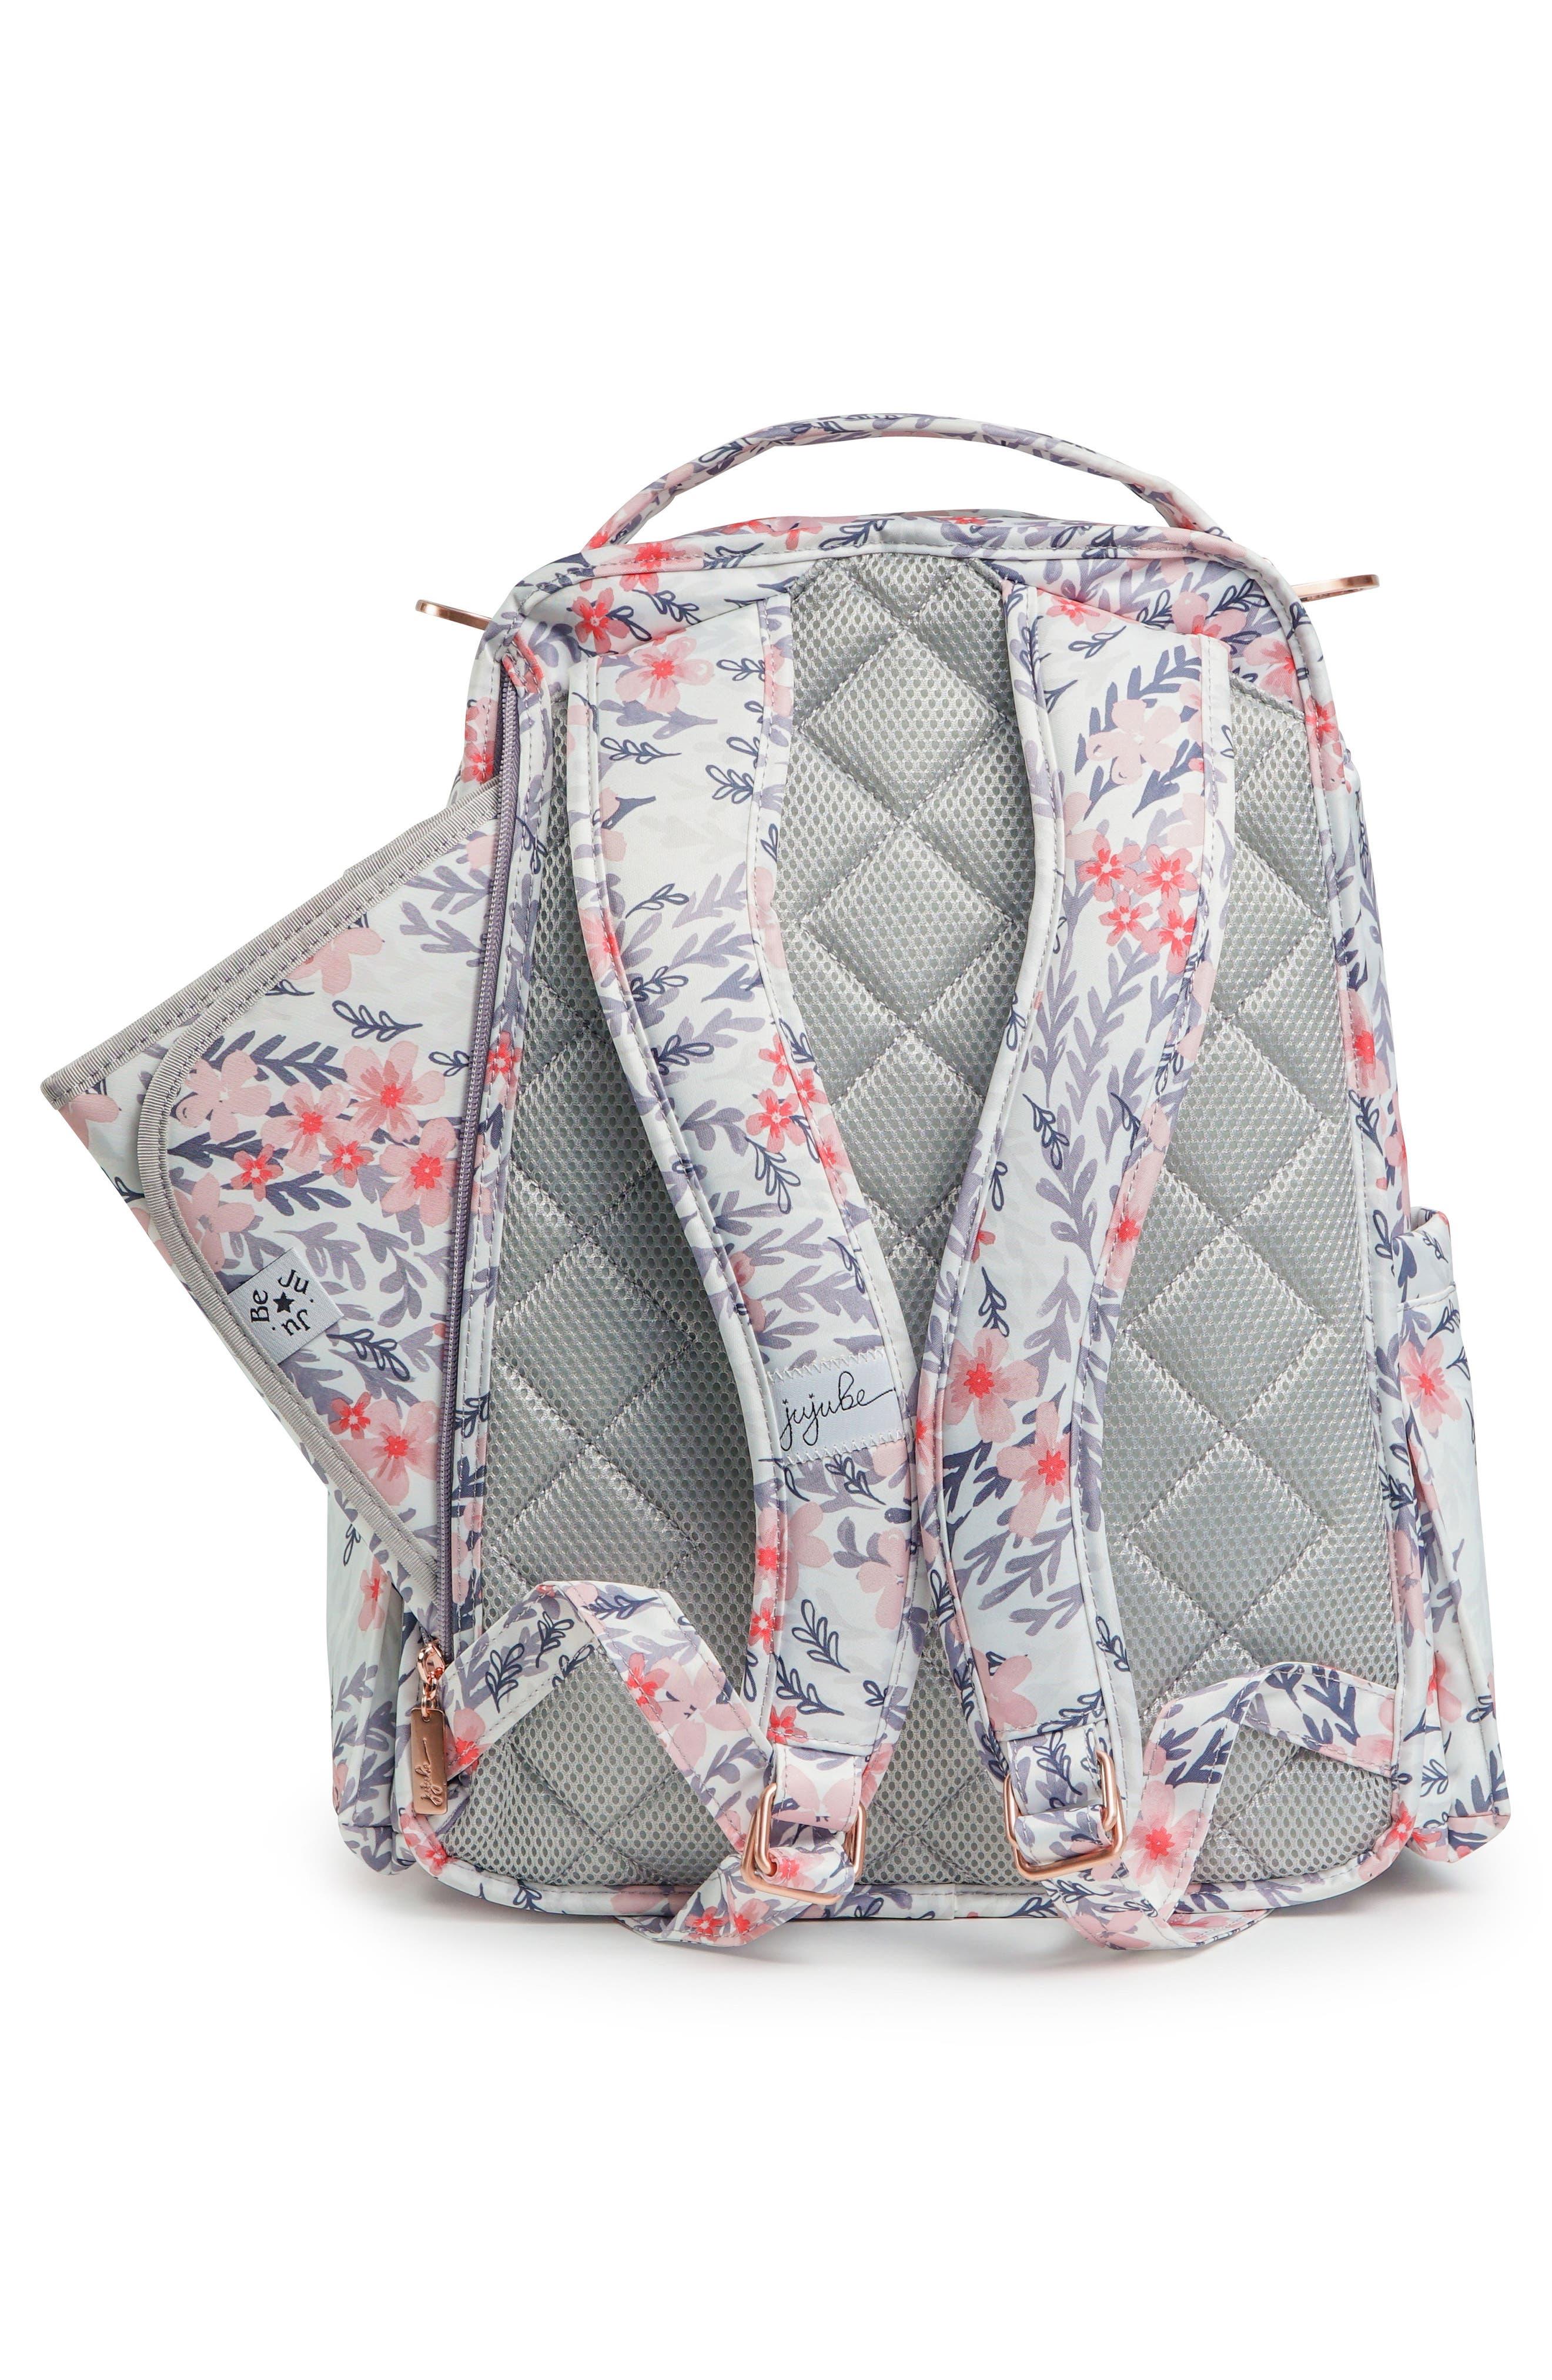 Be Right Back Diaper Backpack,                             Alternate thumbnail 2, color,                             SAKURA SWIRL